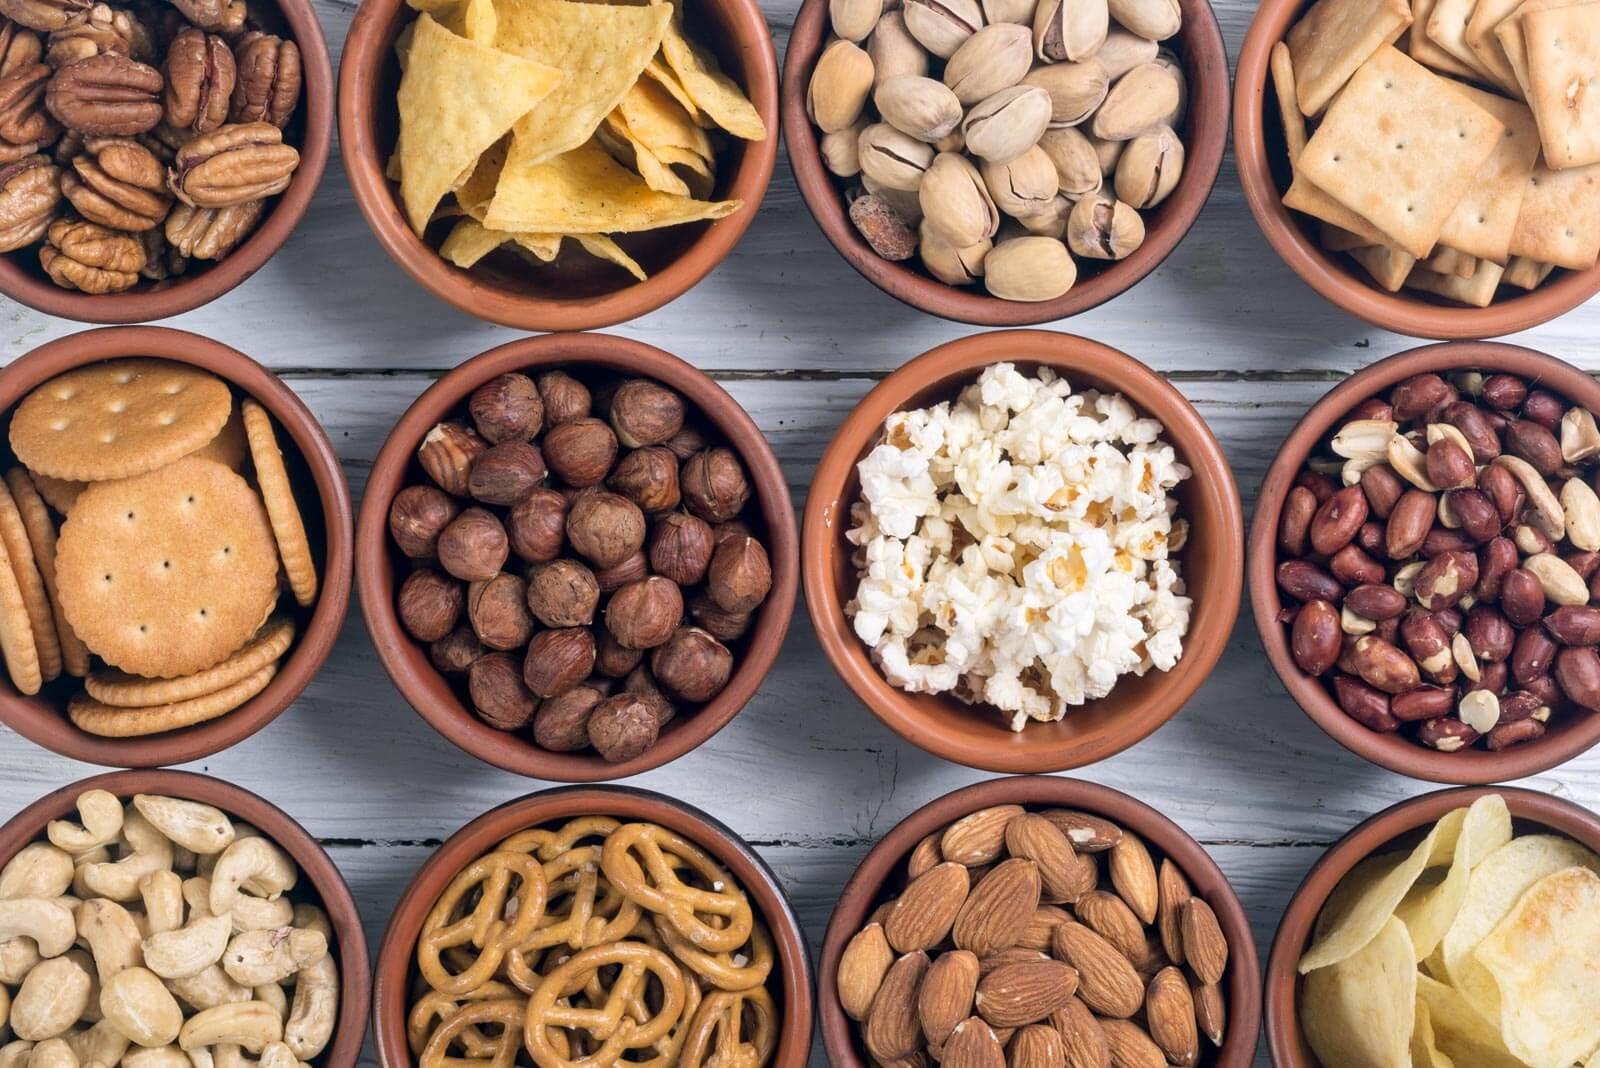 Snacks in bowls